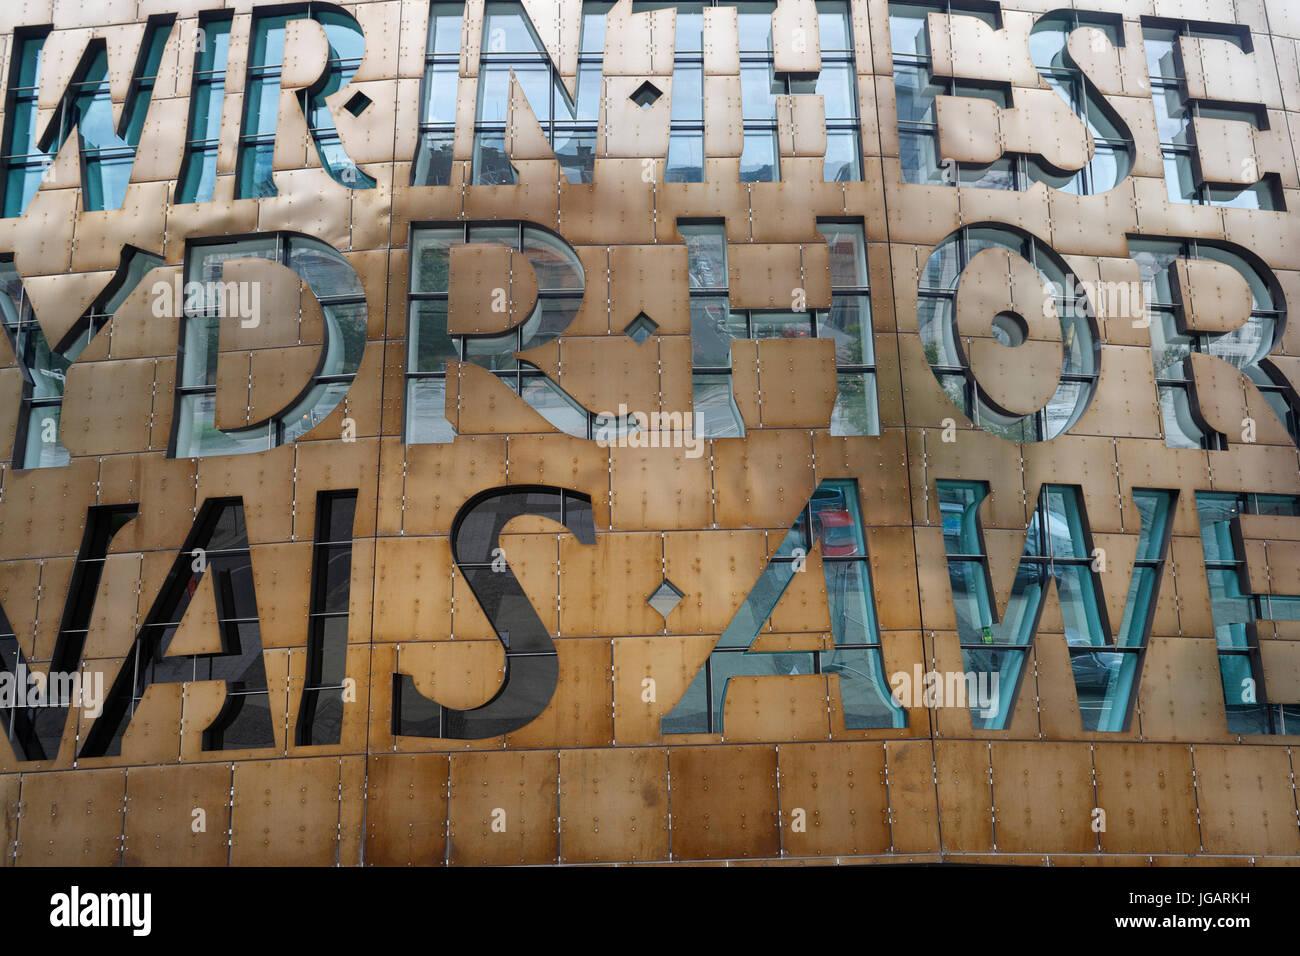 Millennium Centre, Close up, la baie de Cardiff, Pays de Galles, Royaume-Uni Banque D'Images